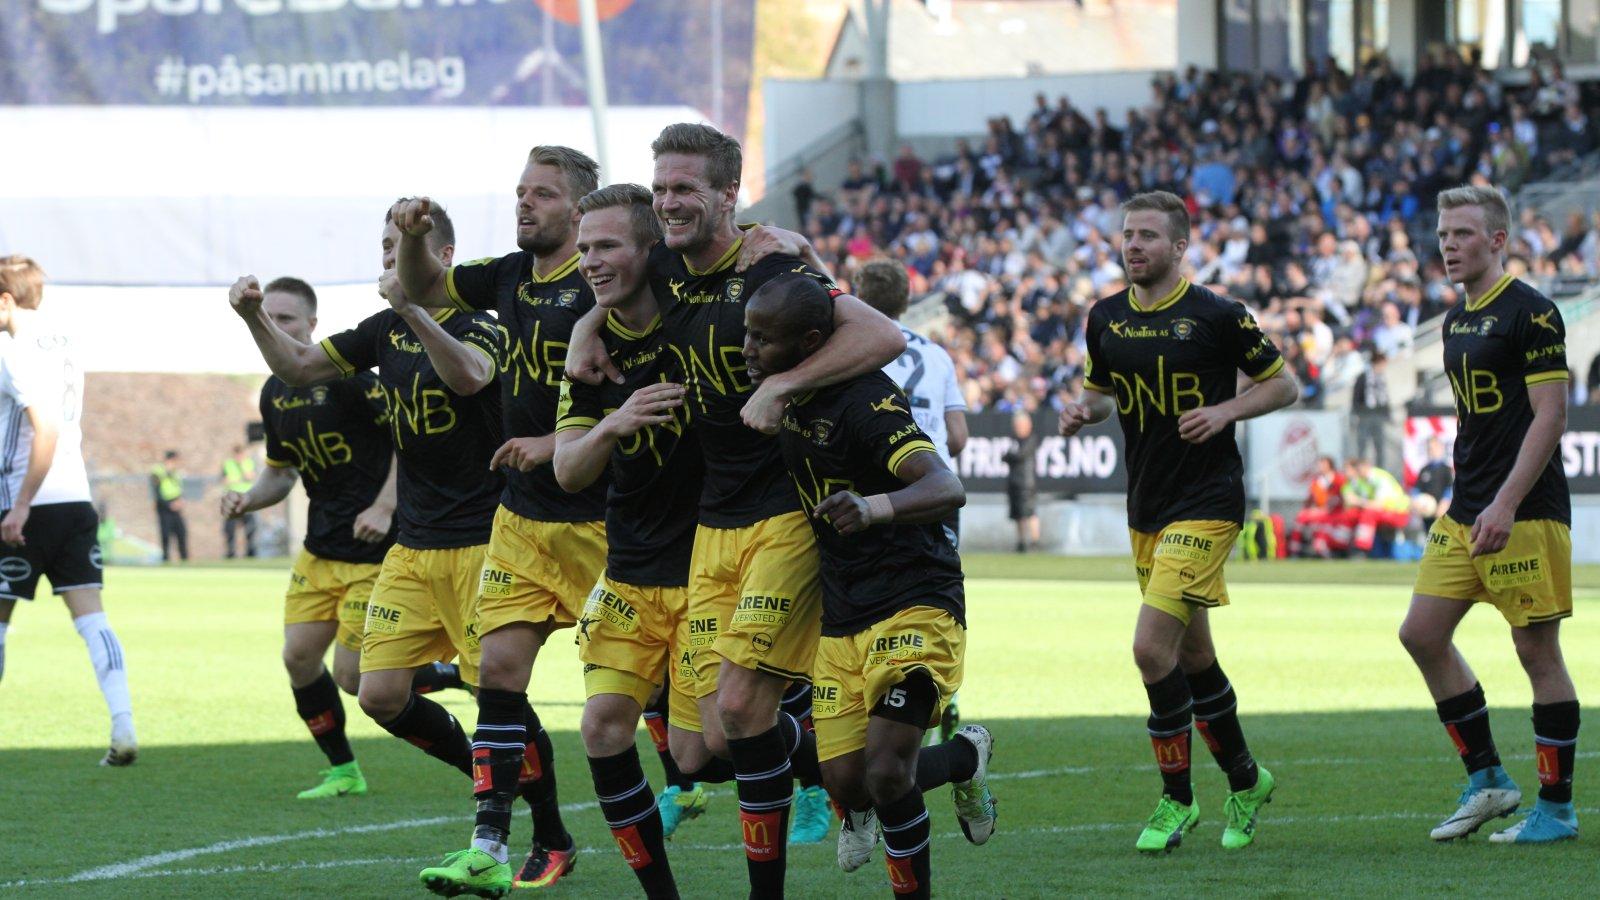 Jubel etter scoring mot Rosenborg